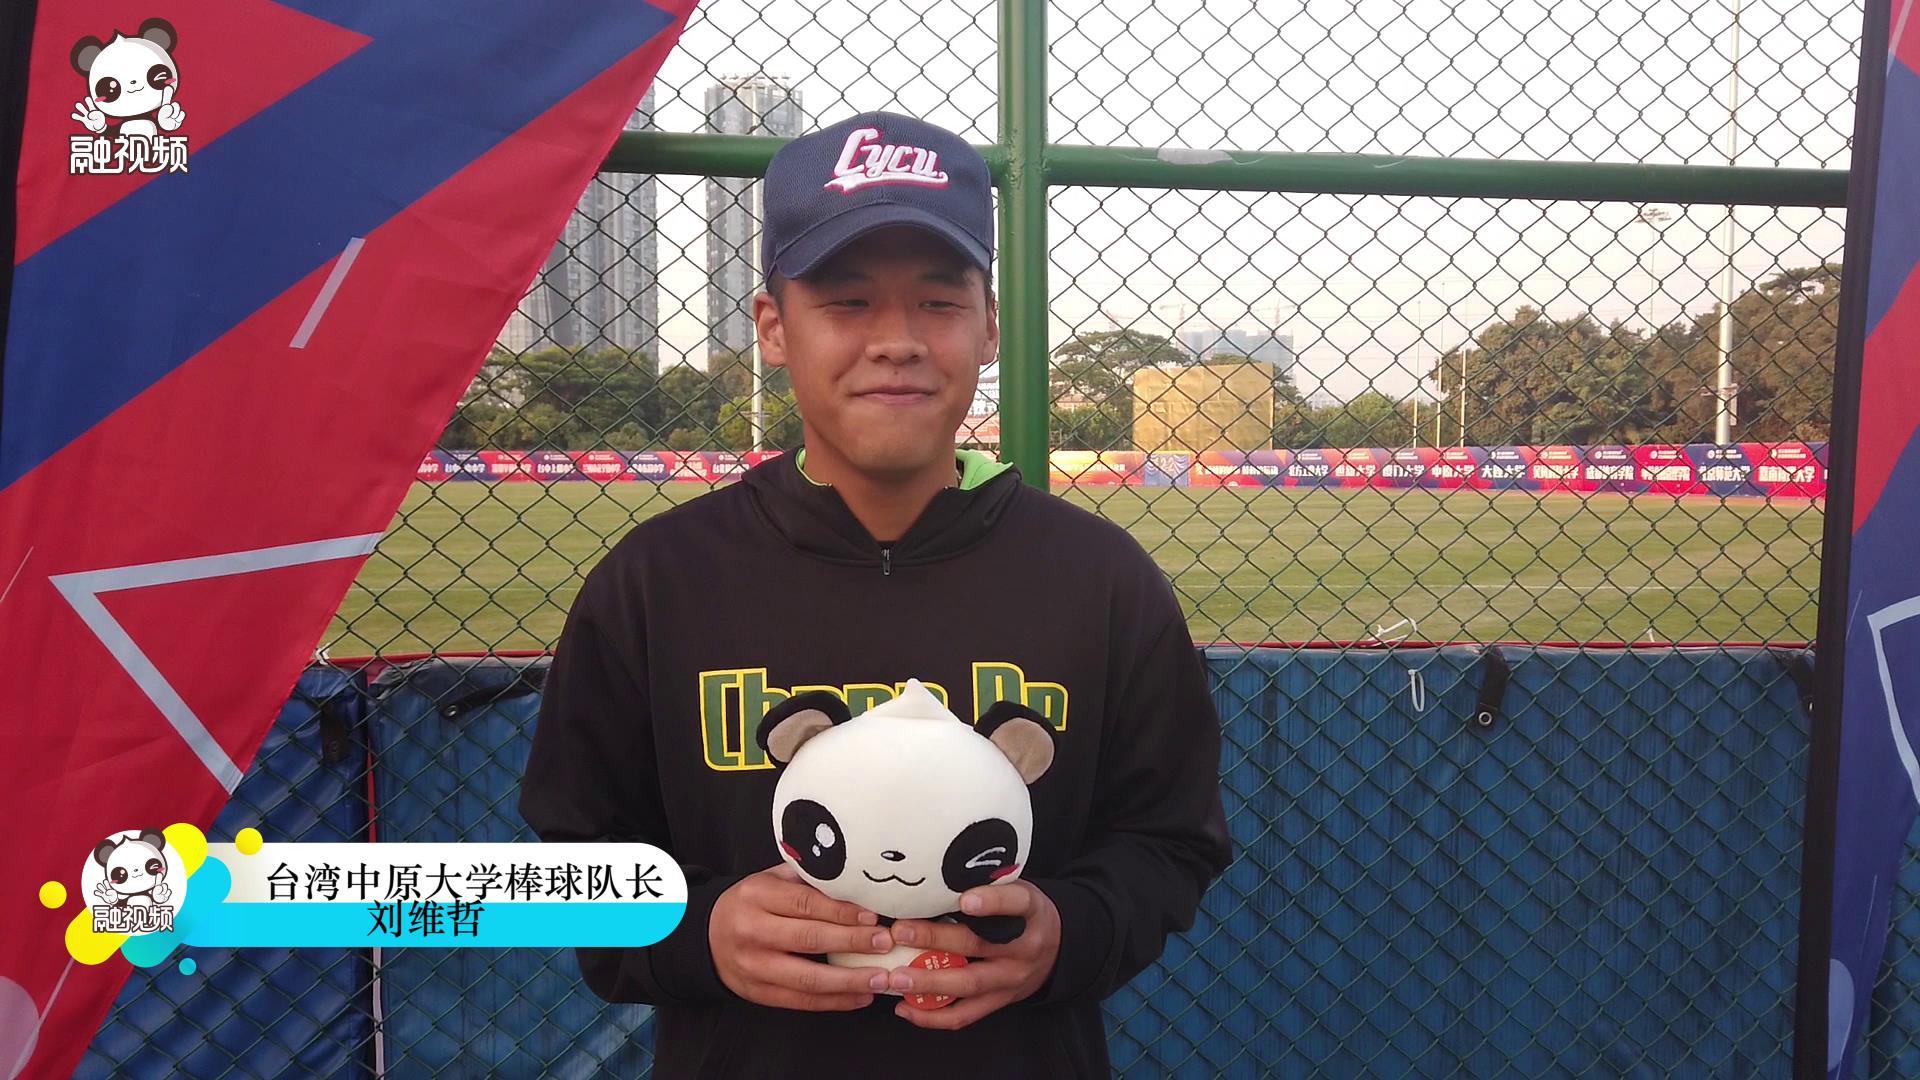 台湾棒球队队长谈参加三届赛事的体会图片